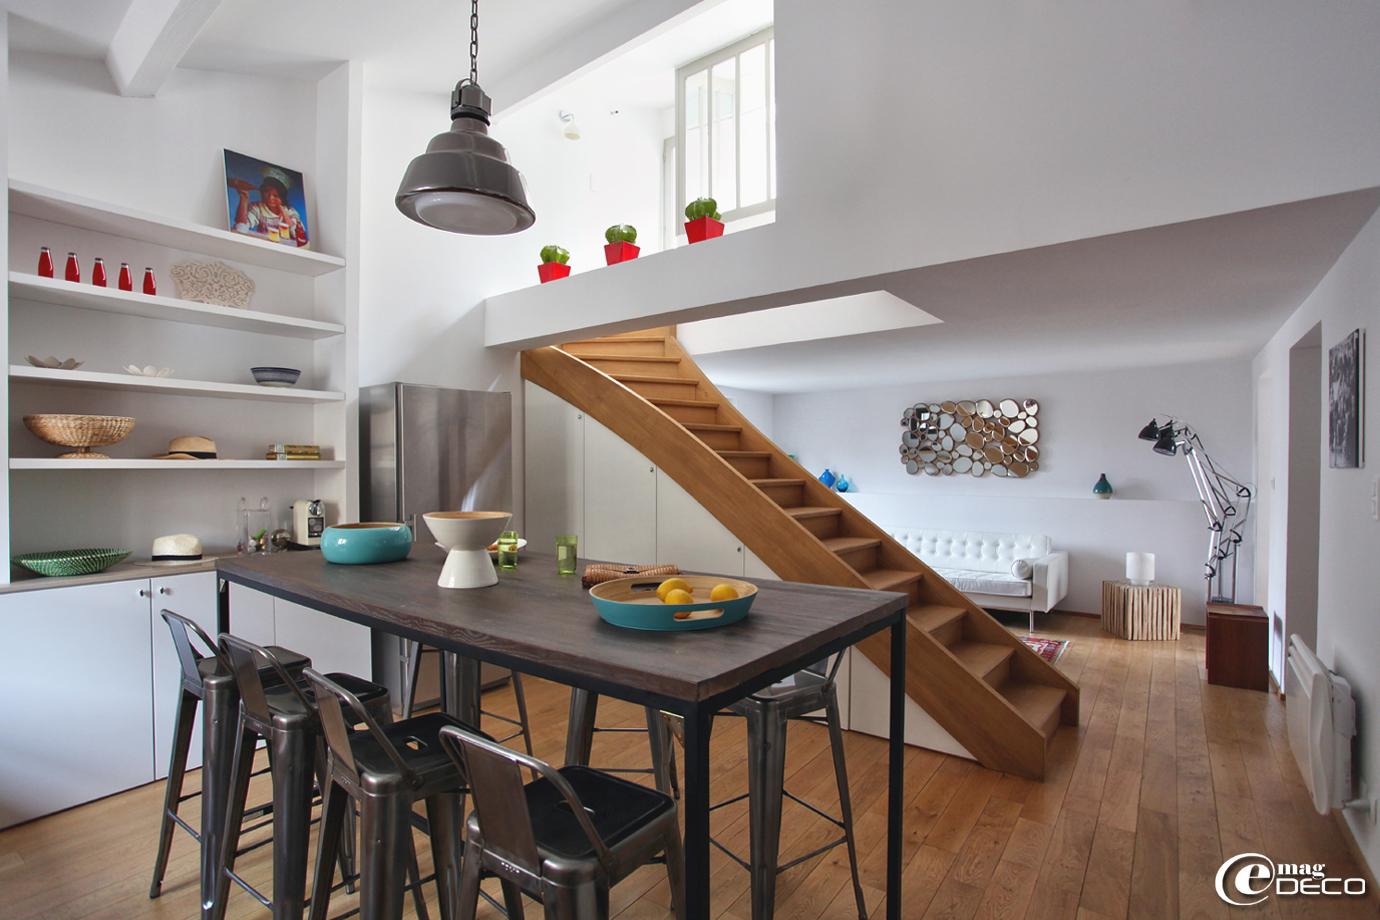 Un appartement en location de vacances privilégie l'espace, la lumière et la convivialité, '12 Place du Forum' à Arles